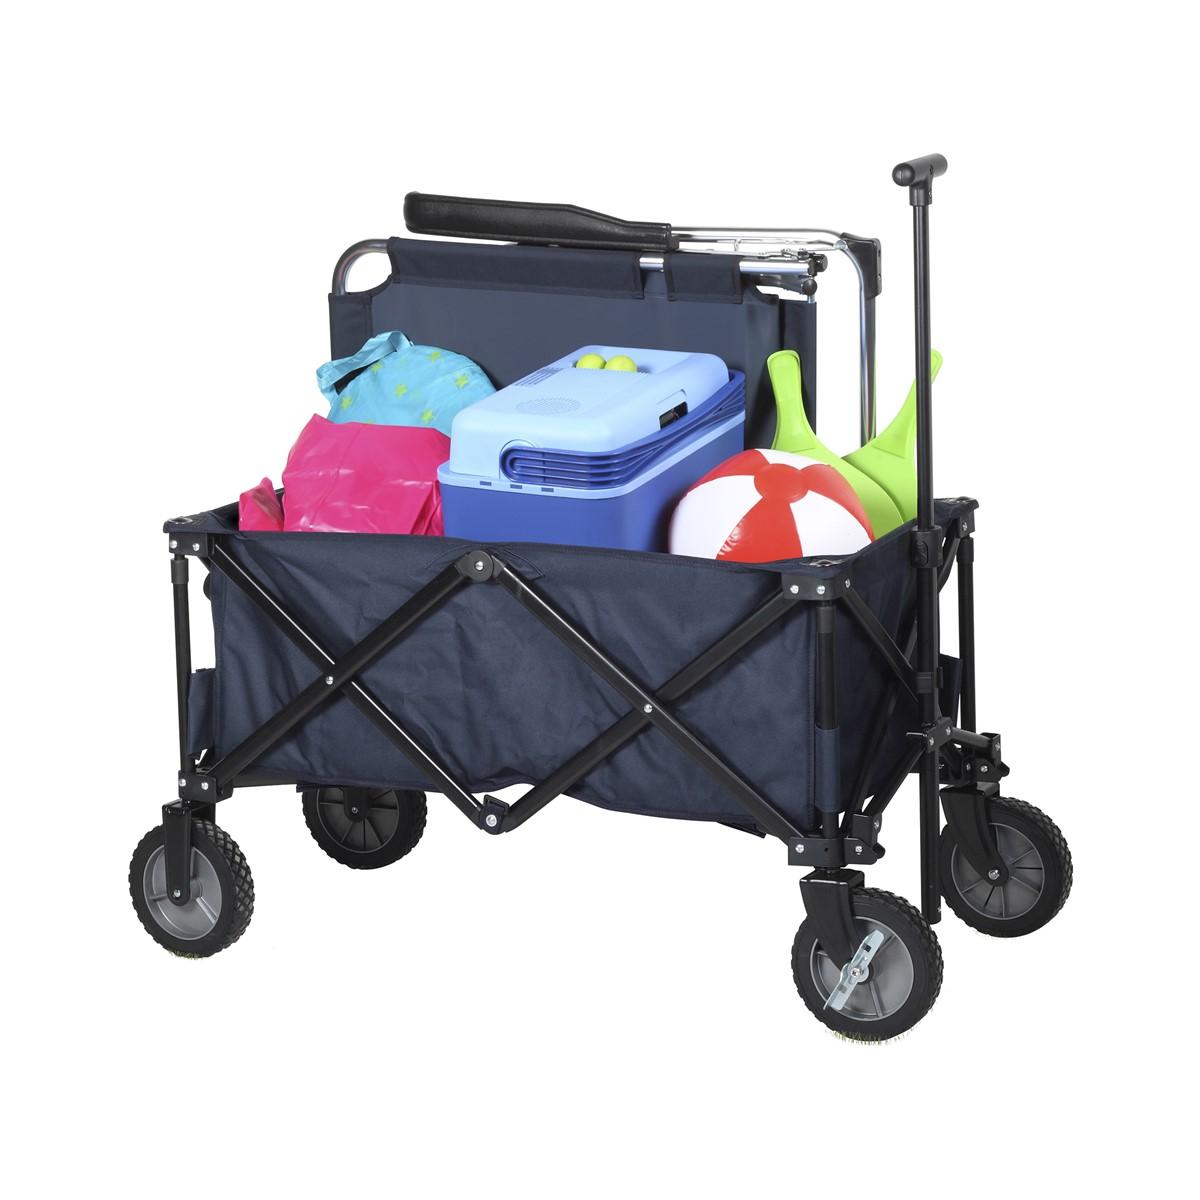 Bollerwagen, Trolley, Leiterwagen, Gepäckwagen Faltbar, Blau, Bollerwagen faltbar, mit Bremse, Blau